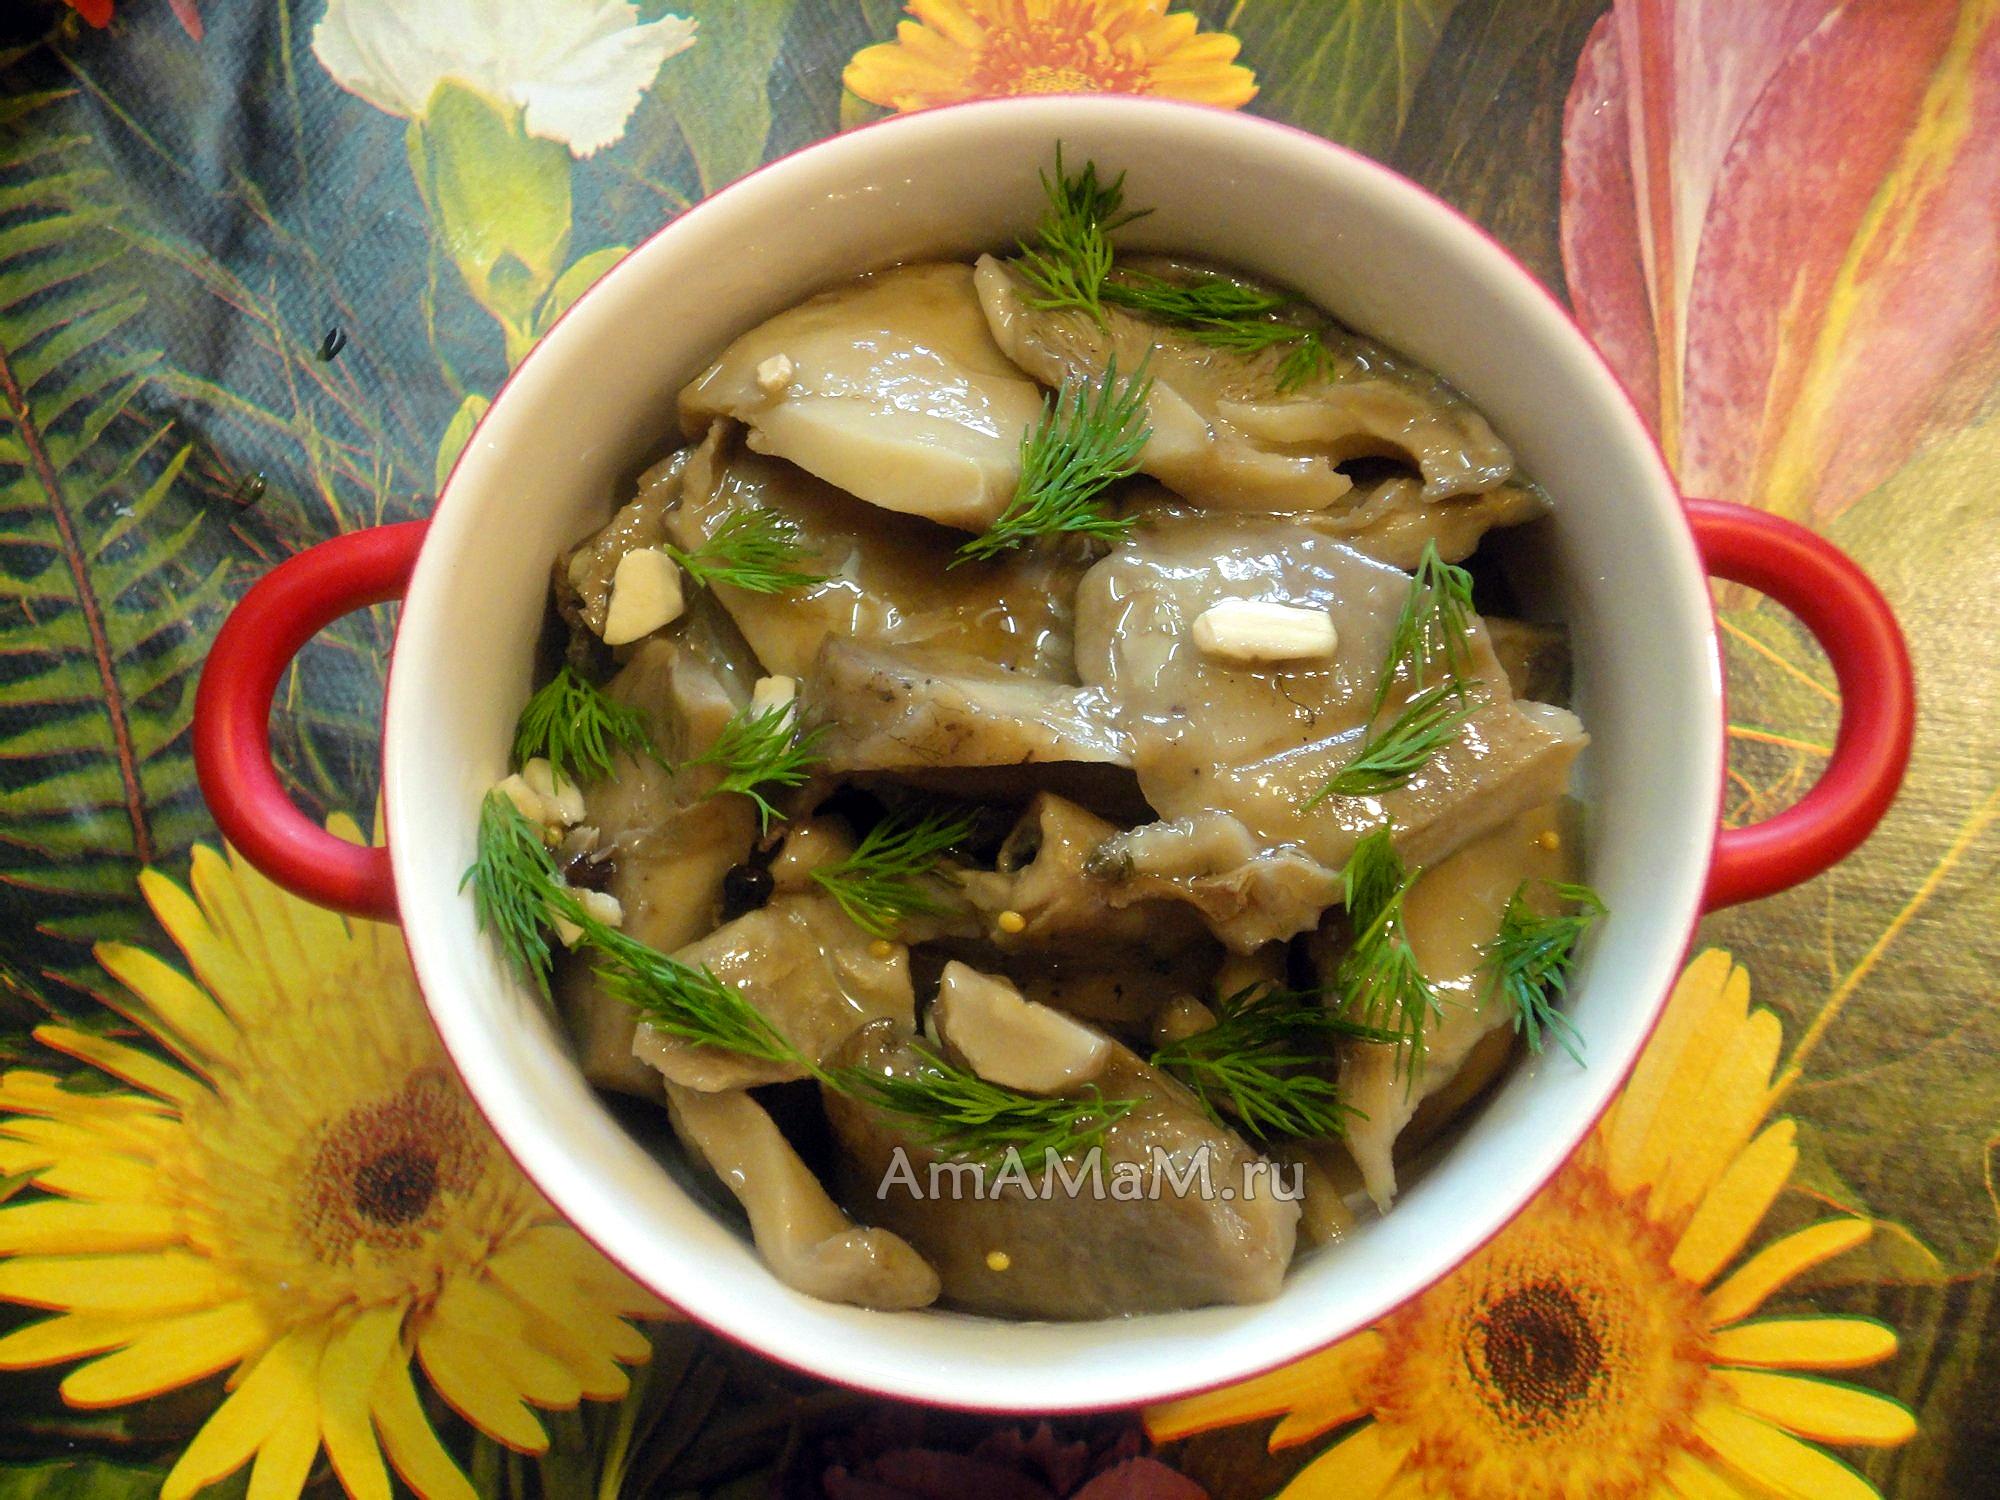 грузди белые жареные рецепт приготовления с фото